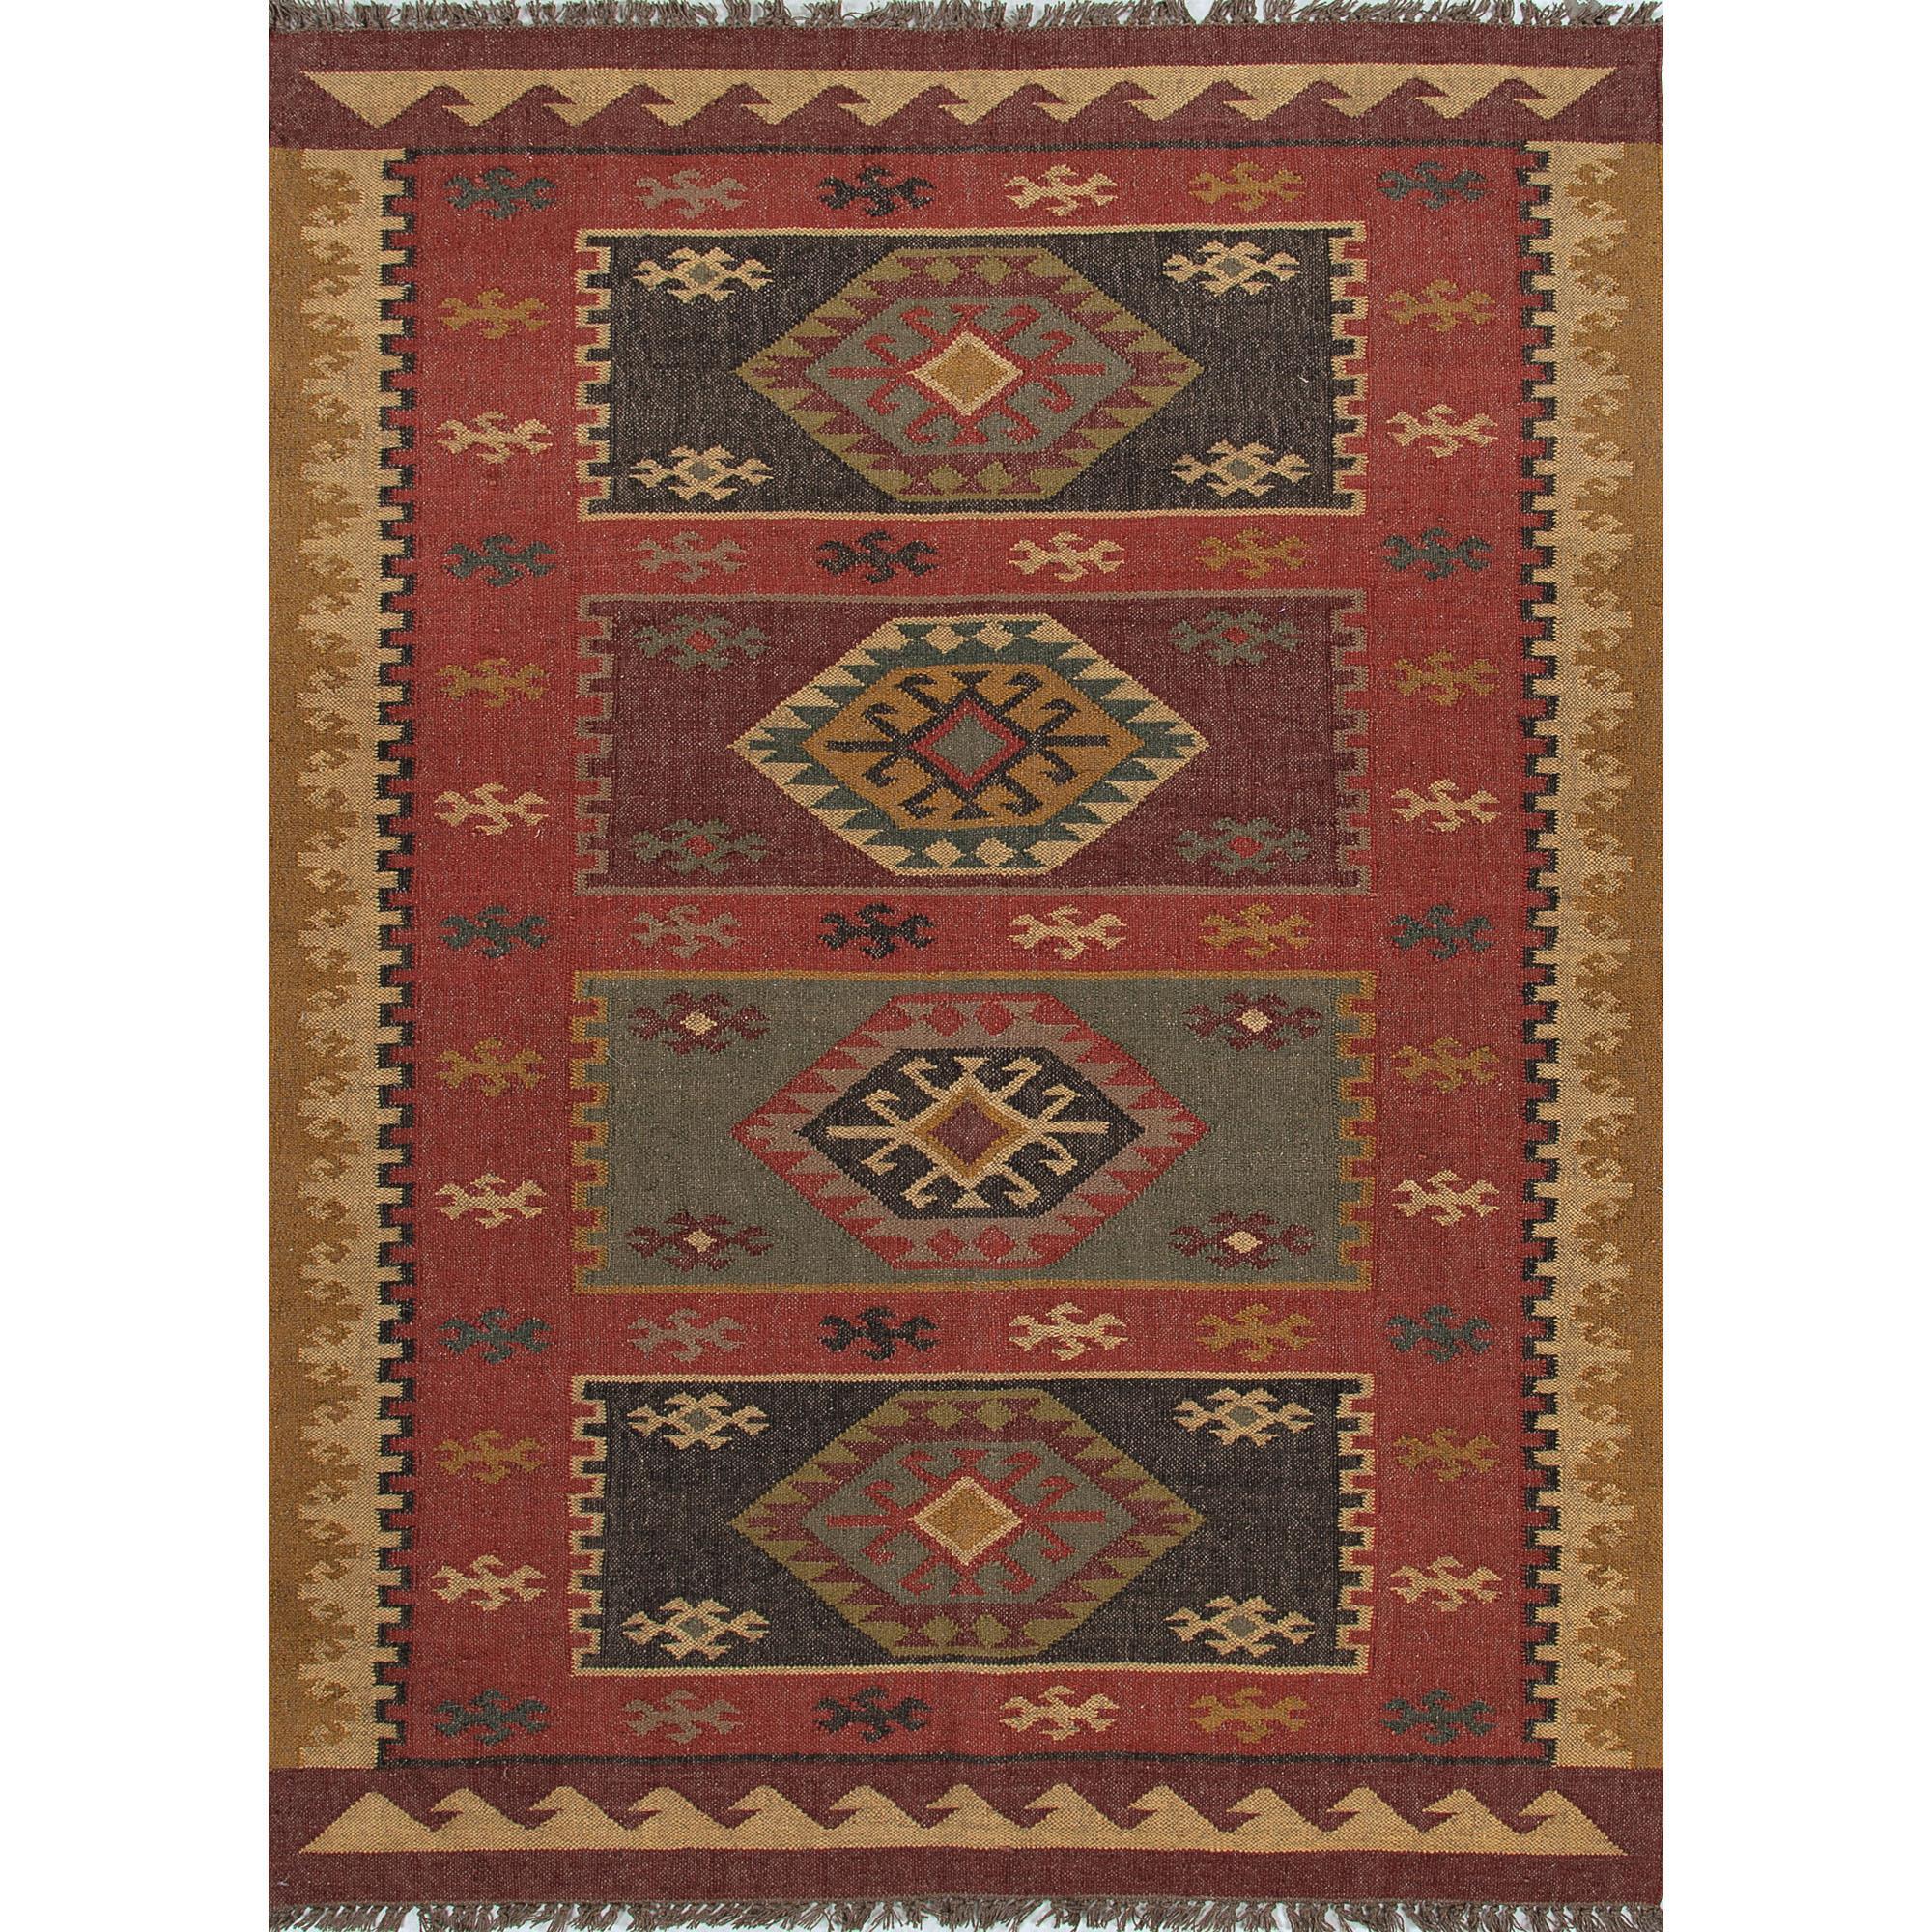 JAIPUR Rugs Bedouin 8 x 10 Rug - Item Number: RUG100283